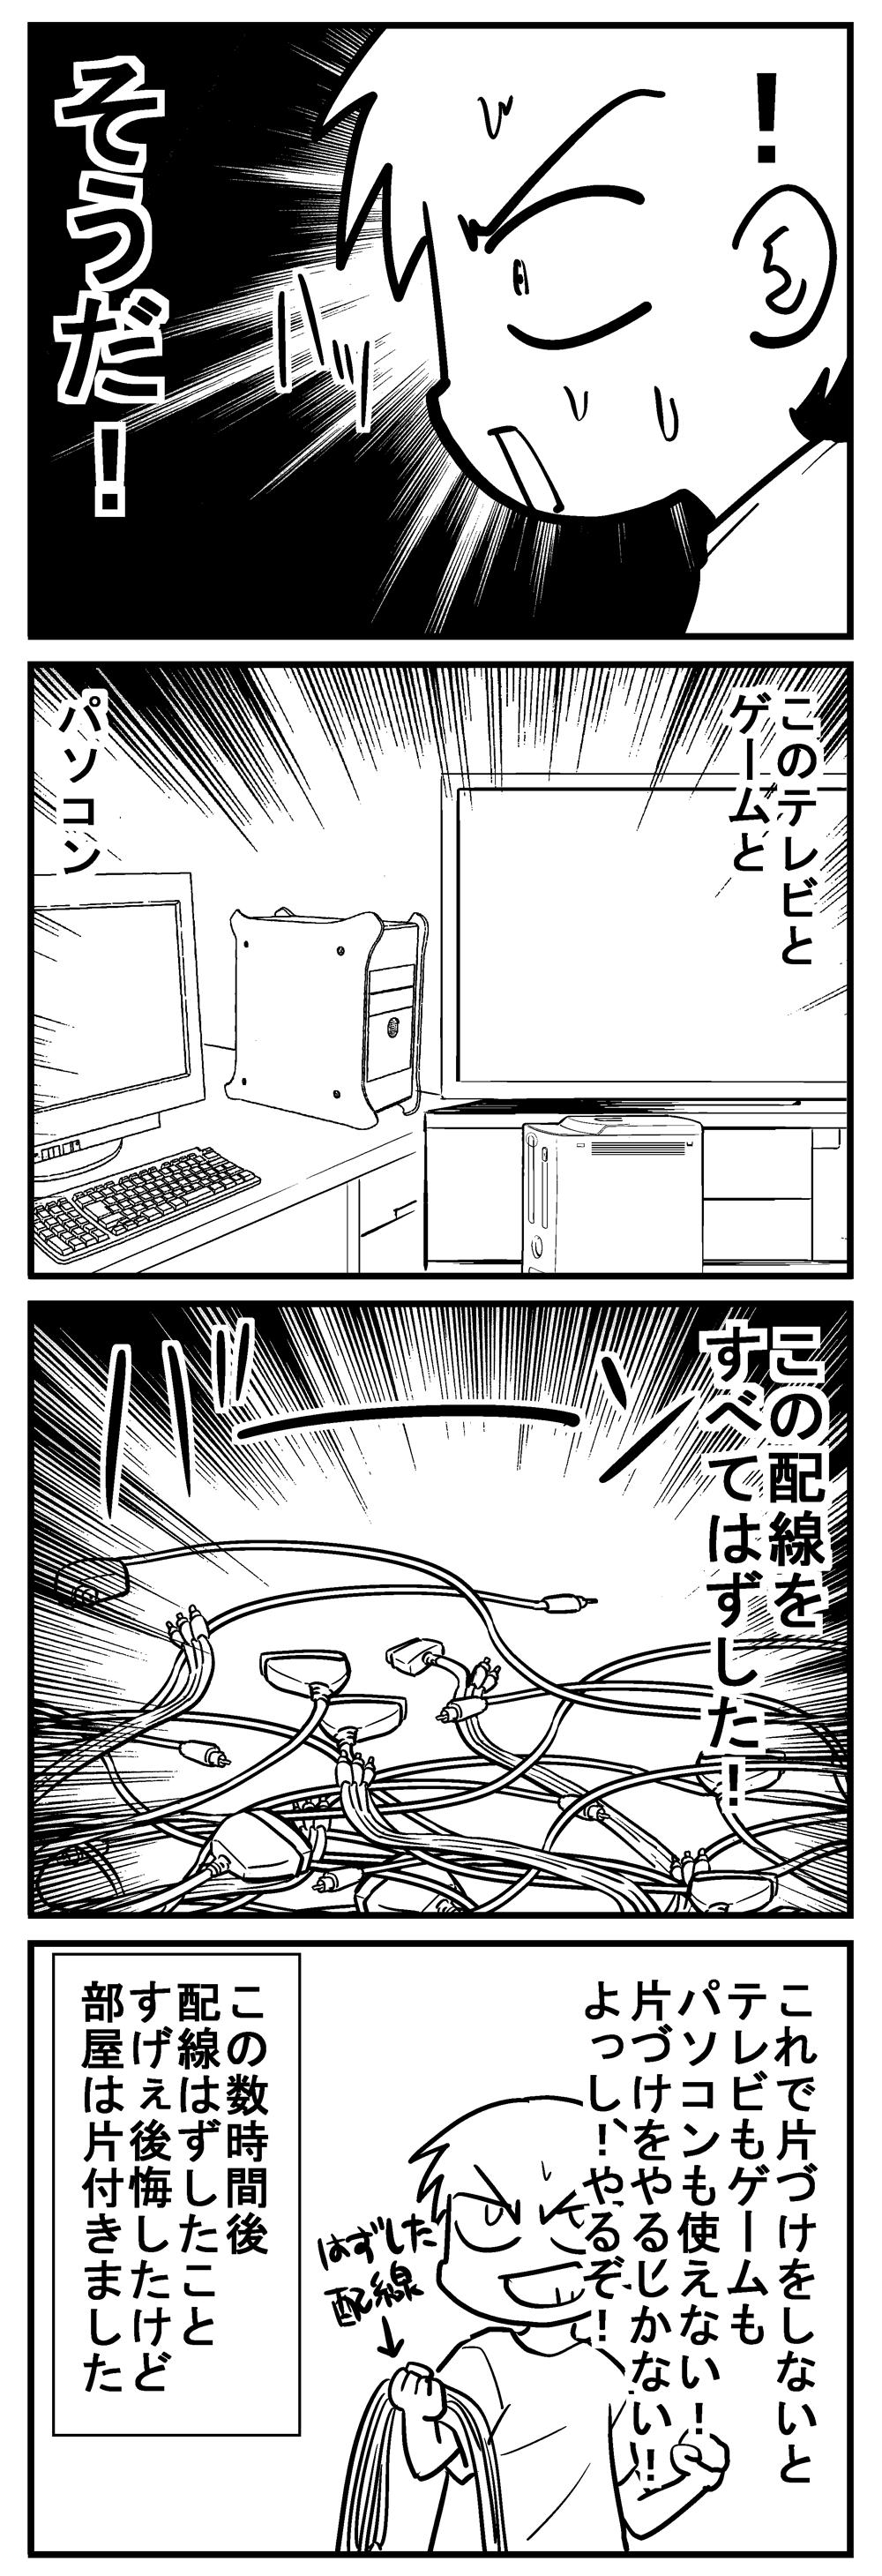 深読みくん75-4